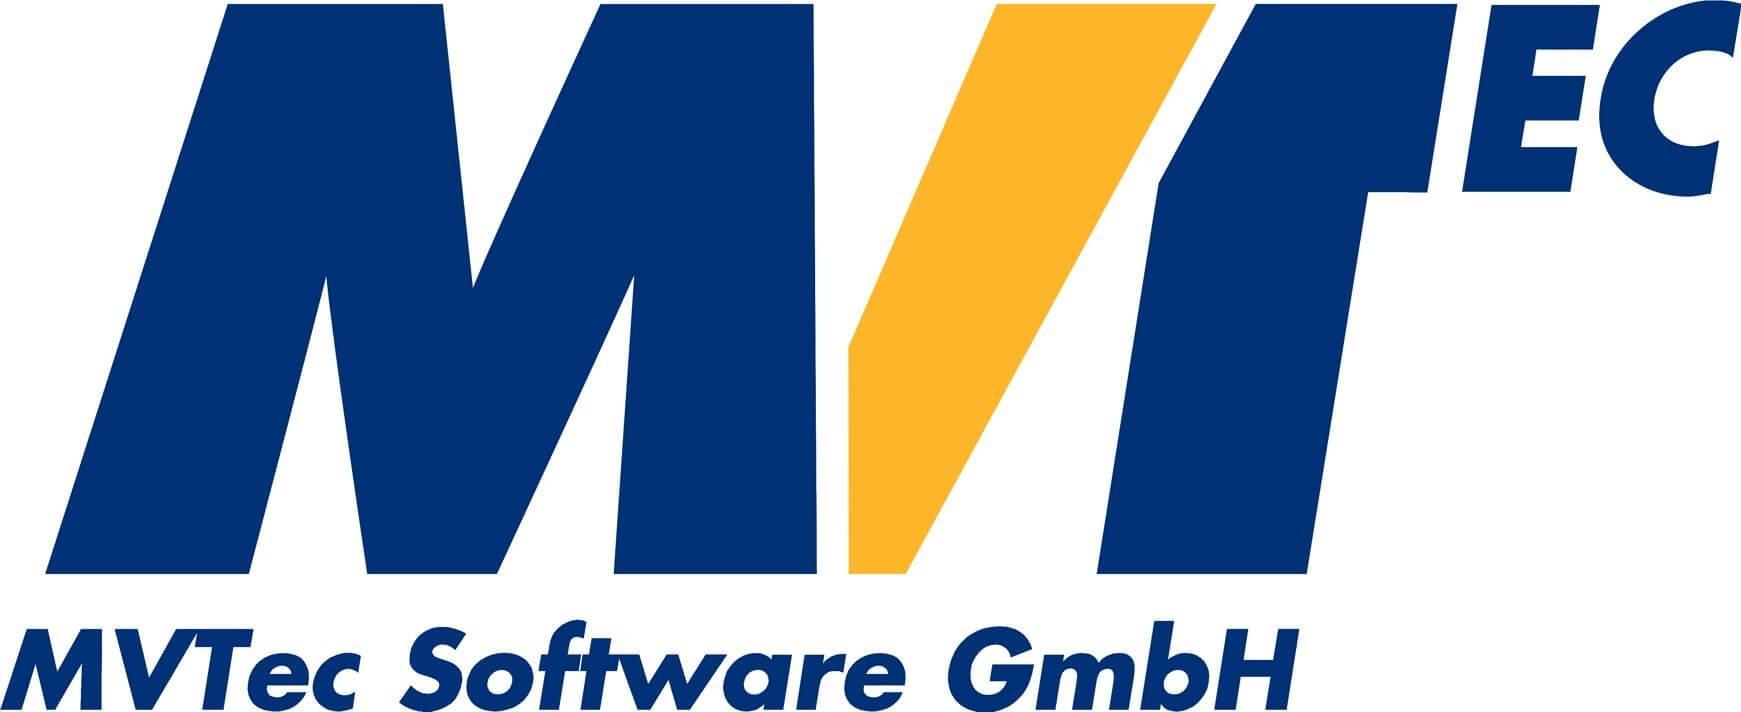 MVTec Software GmbH &nbsp; &nbsp;&nbsp;<br />